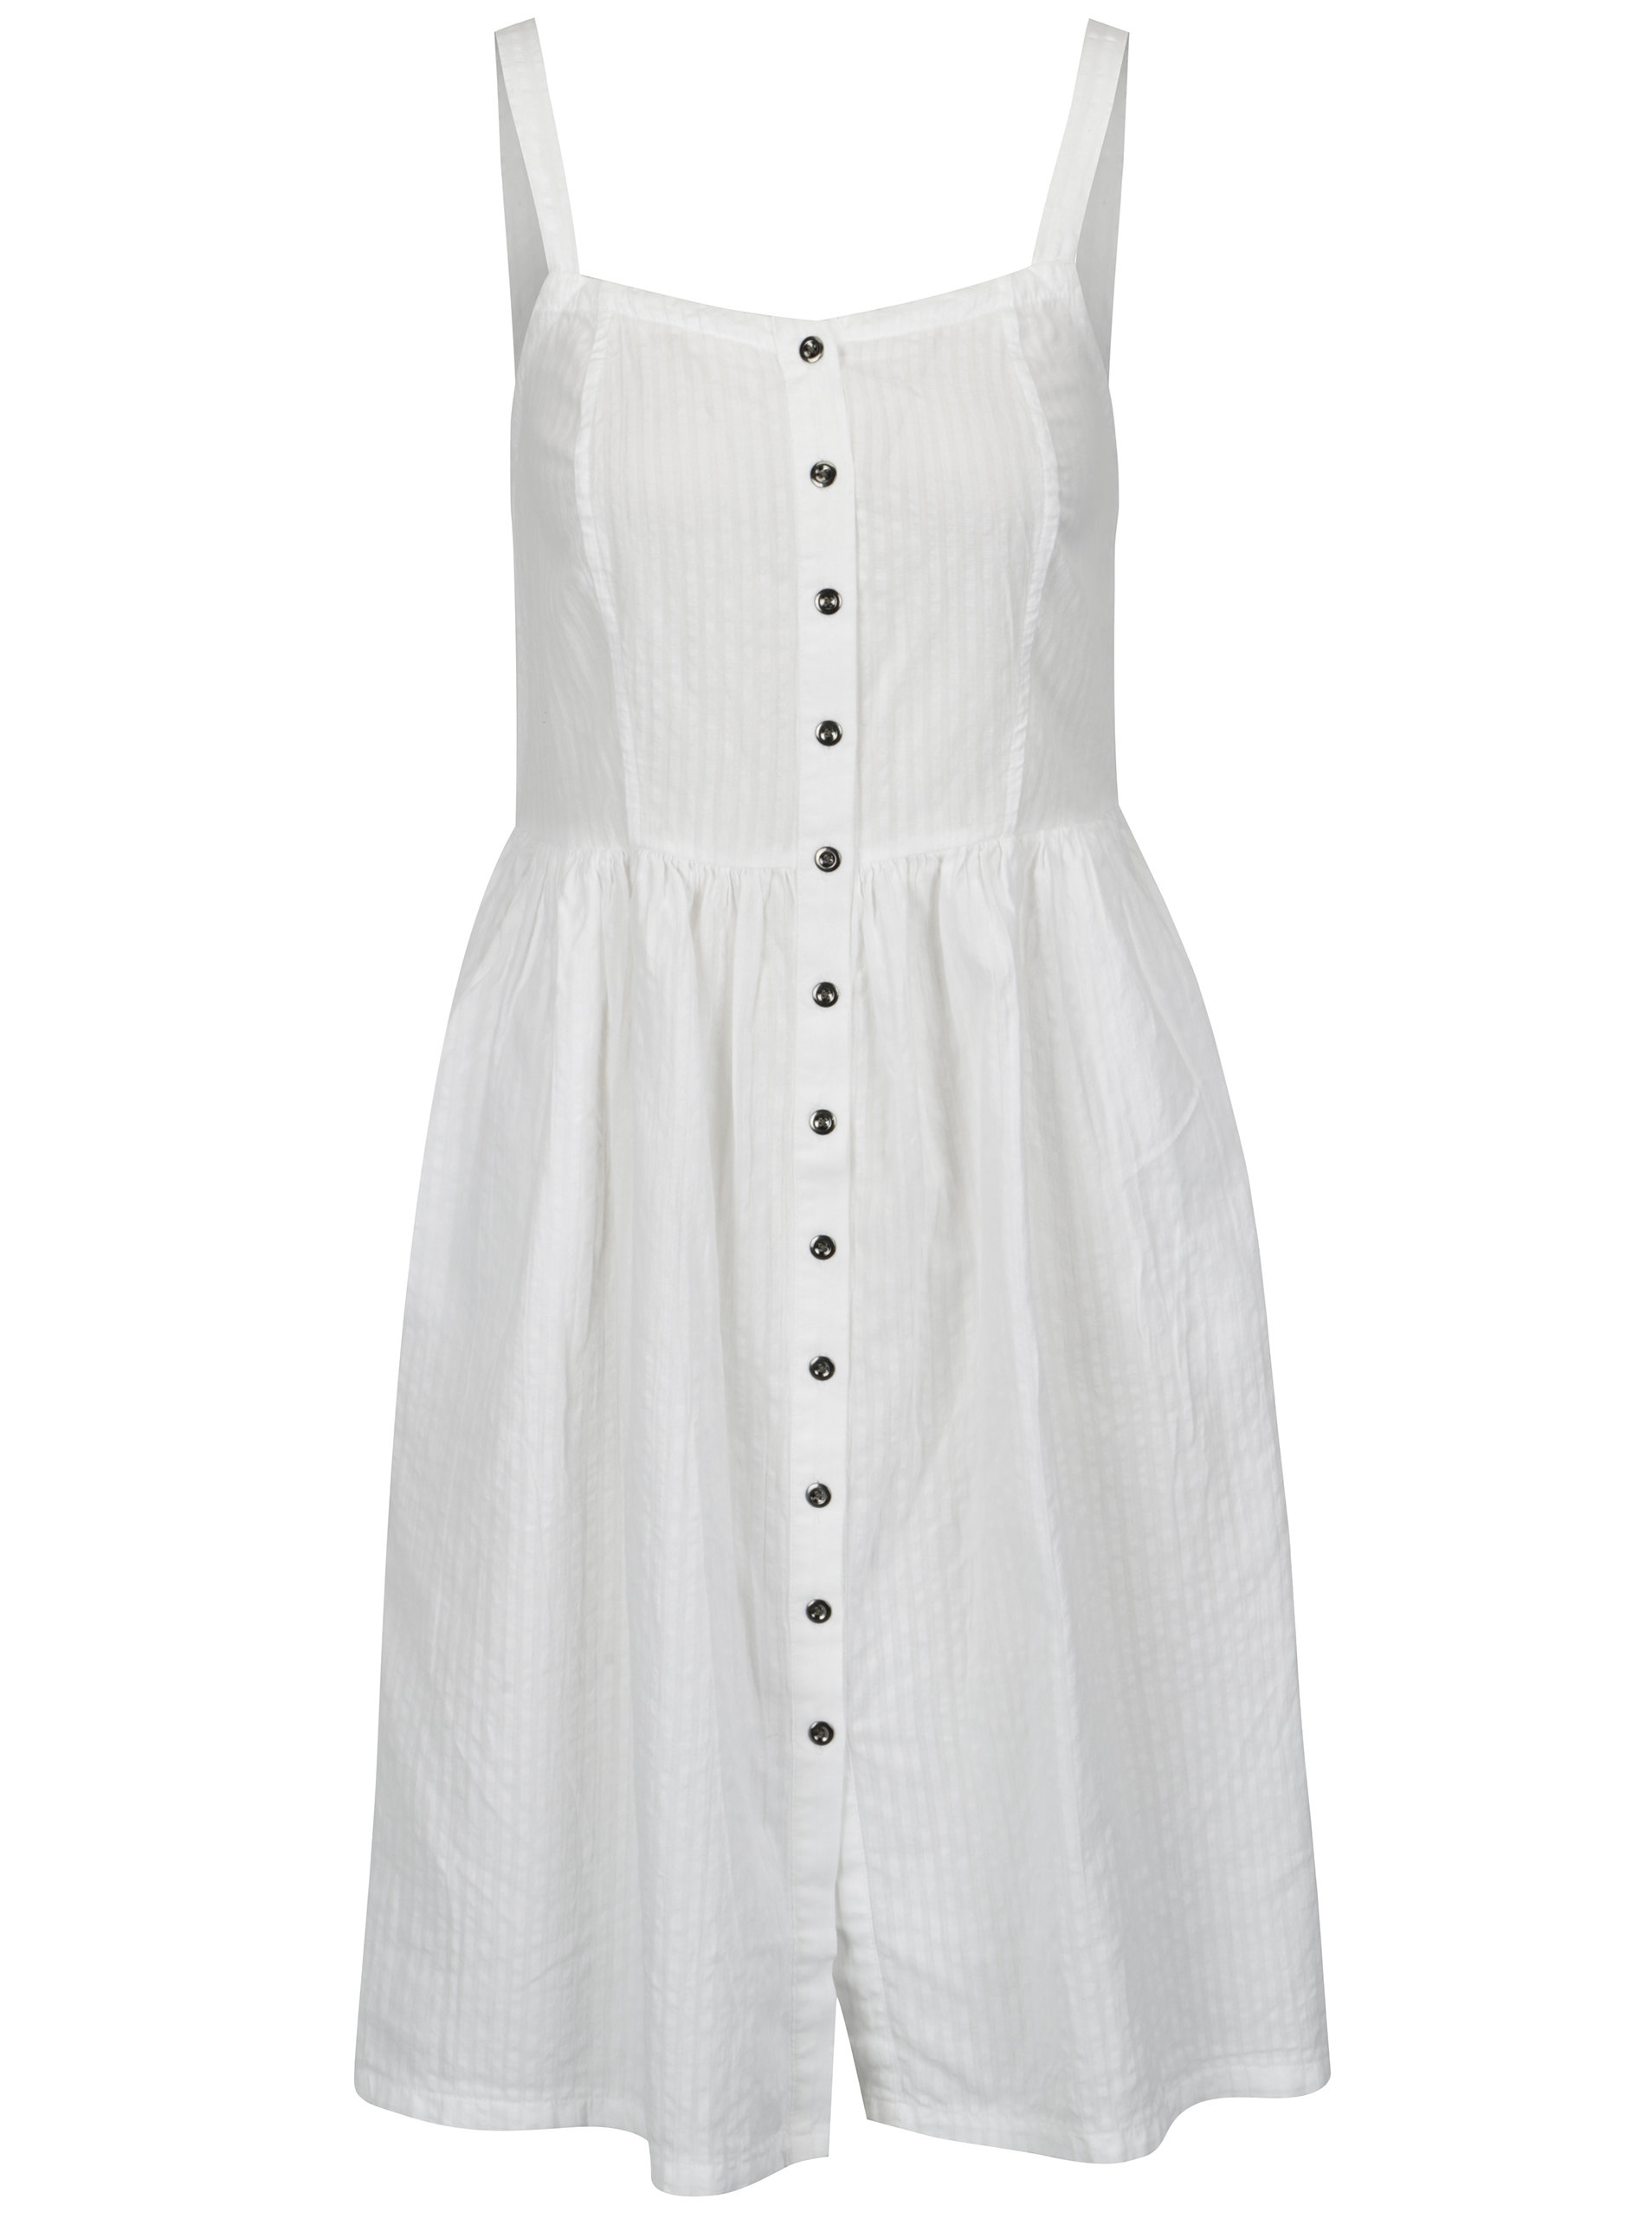 Bílé šaty na ramínka s knoflíky Blendshe Sersa ... cf55061a4b